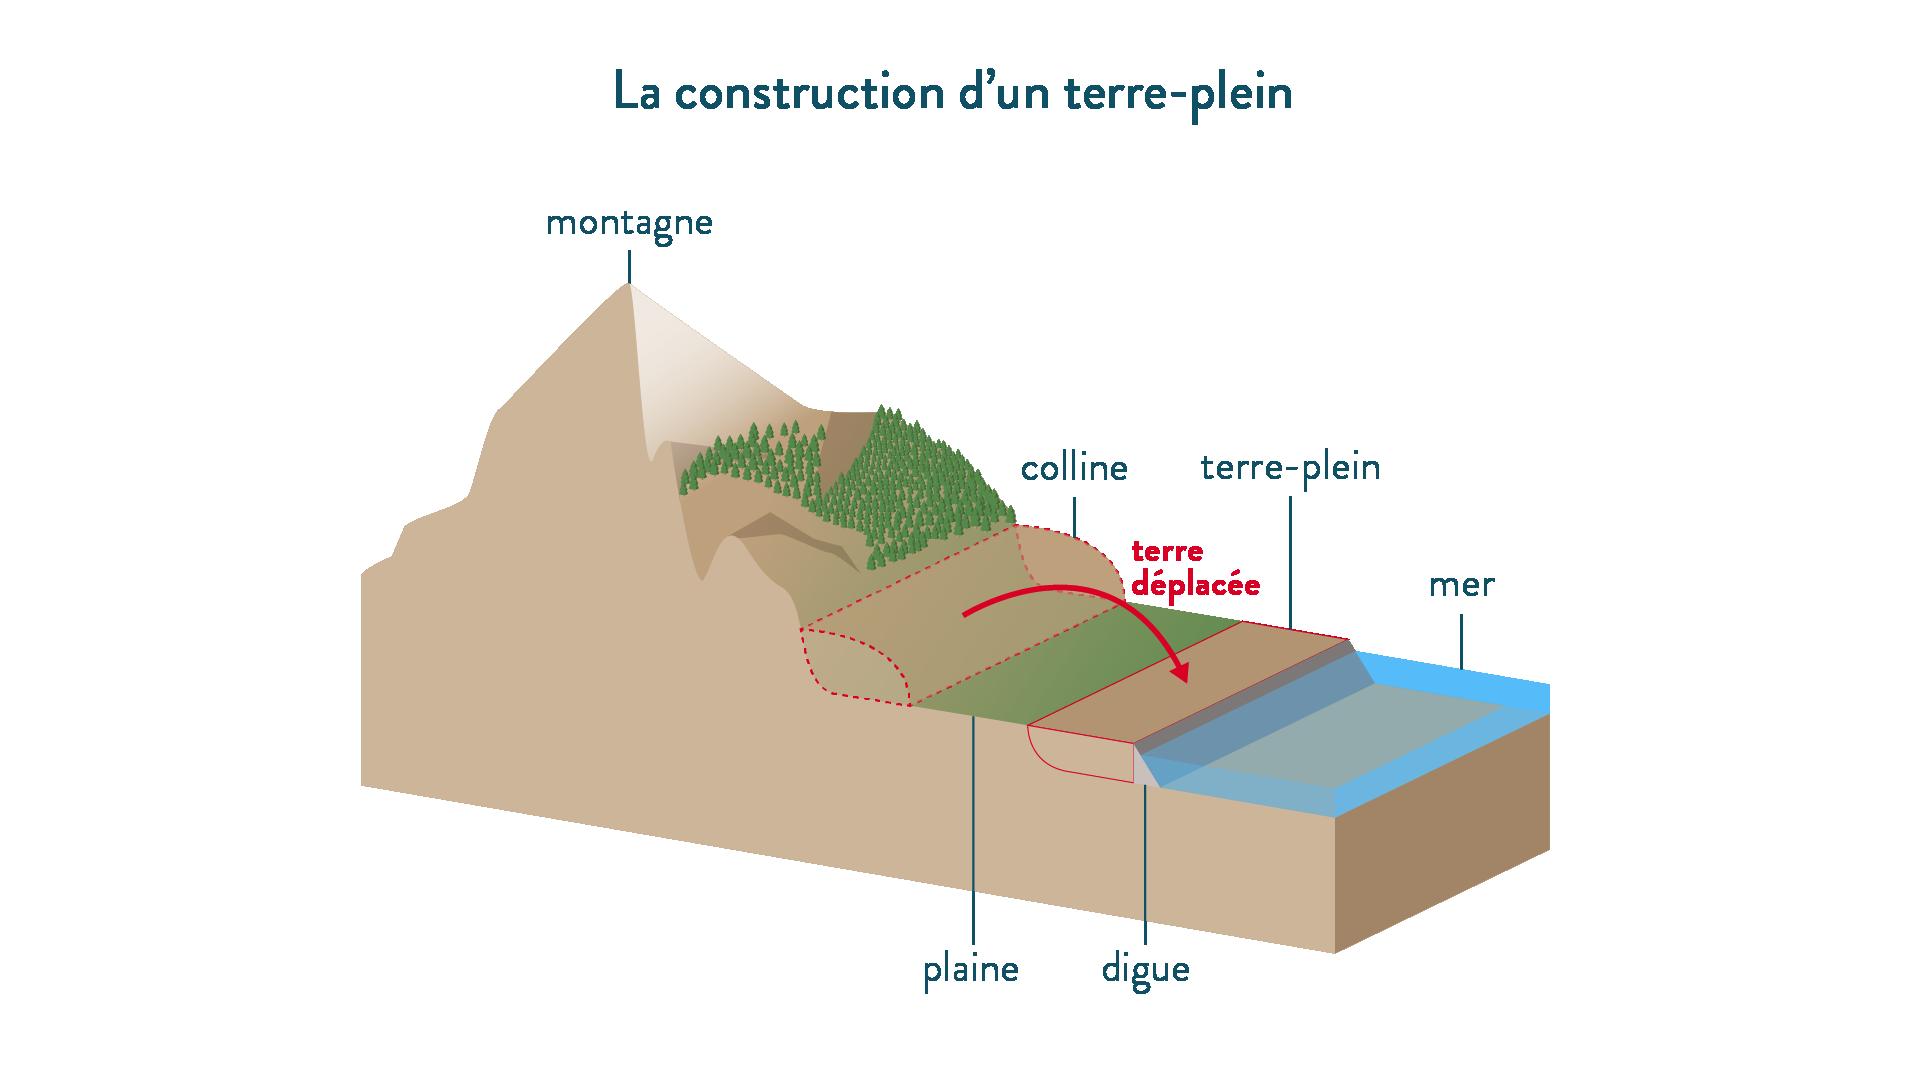 6e-géographie-SchoolMouv - La construction d'un terre-plein